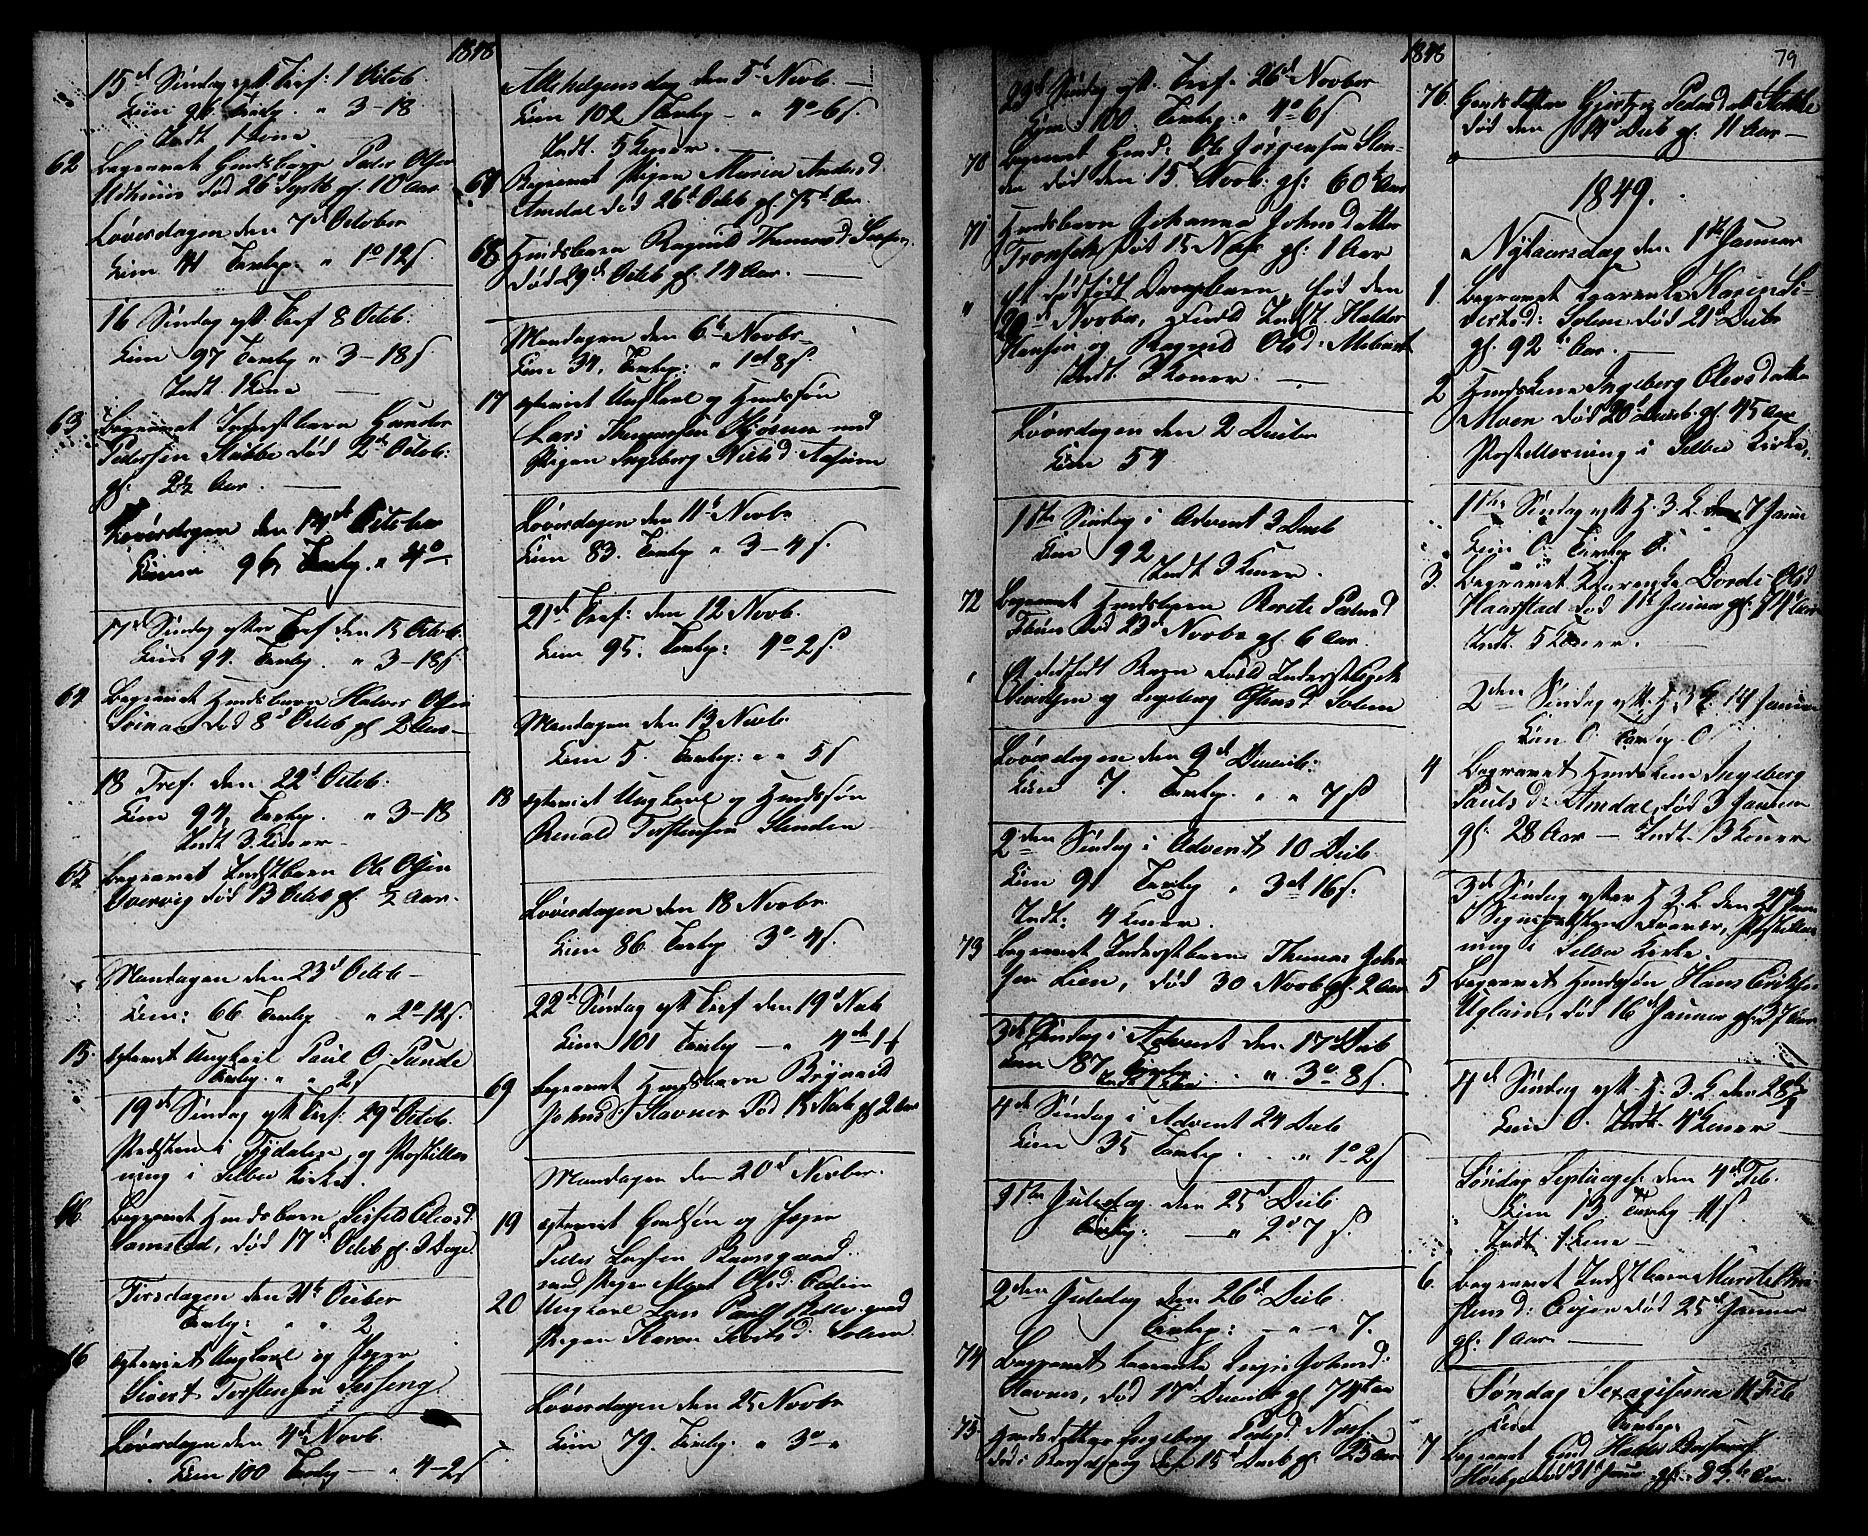 SAT, Ministerialprotokoller, klokkerbøker og fødselsregistre - Sør-Trøndelag, 695/L1154: Klokkerbok nr. 695C05, 1842-1858, s. 79